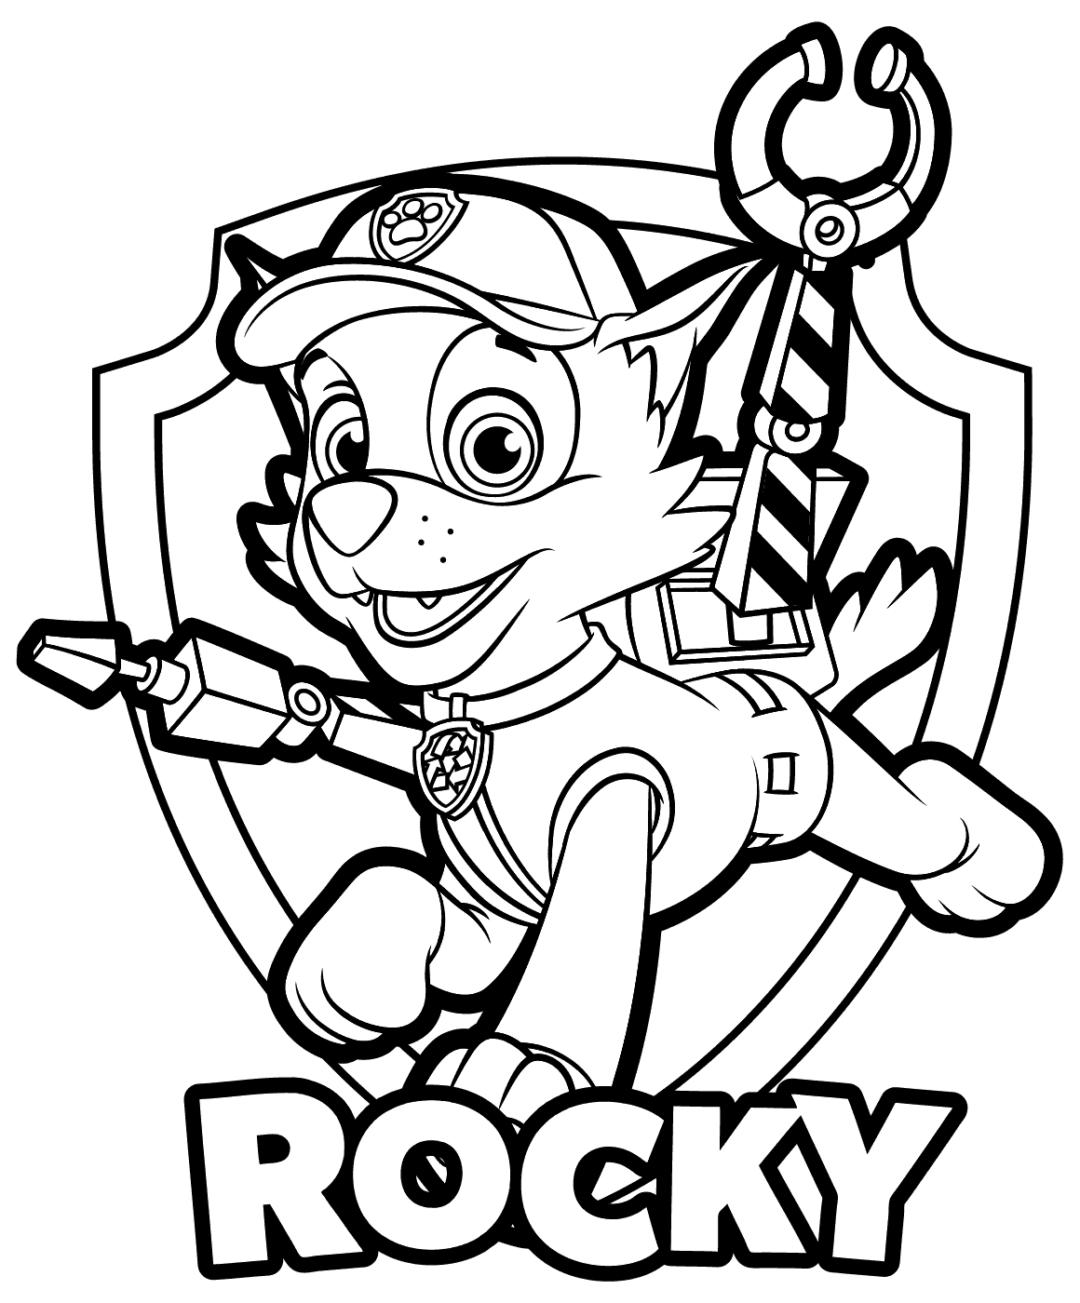 Coloring Rocks Paw Patrol Coloring Paw Patrol Coloring Pages Paw Patrol Rocky